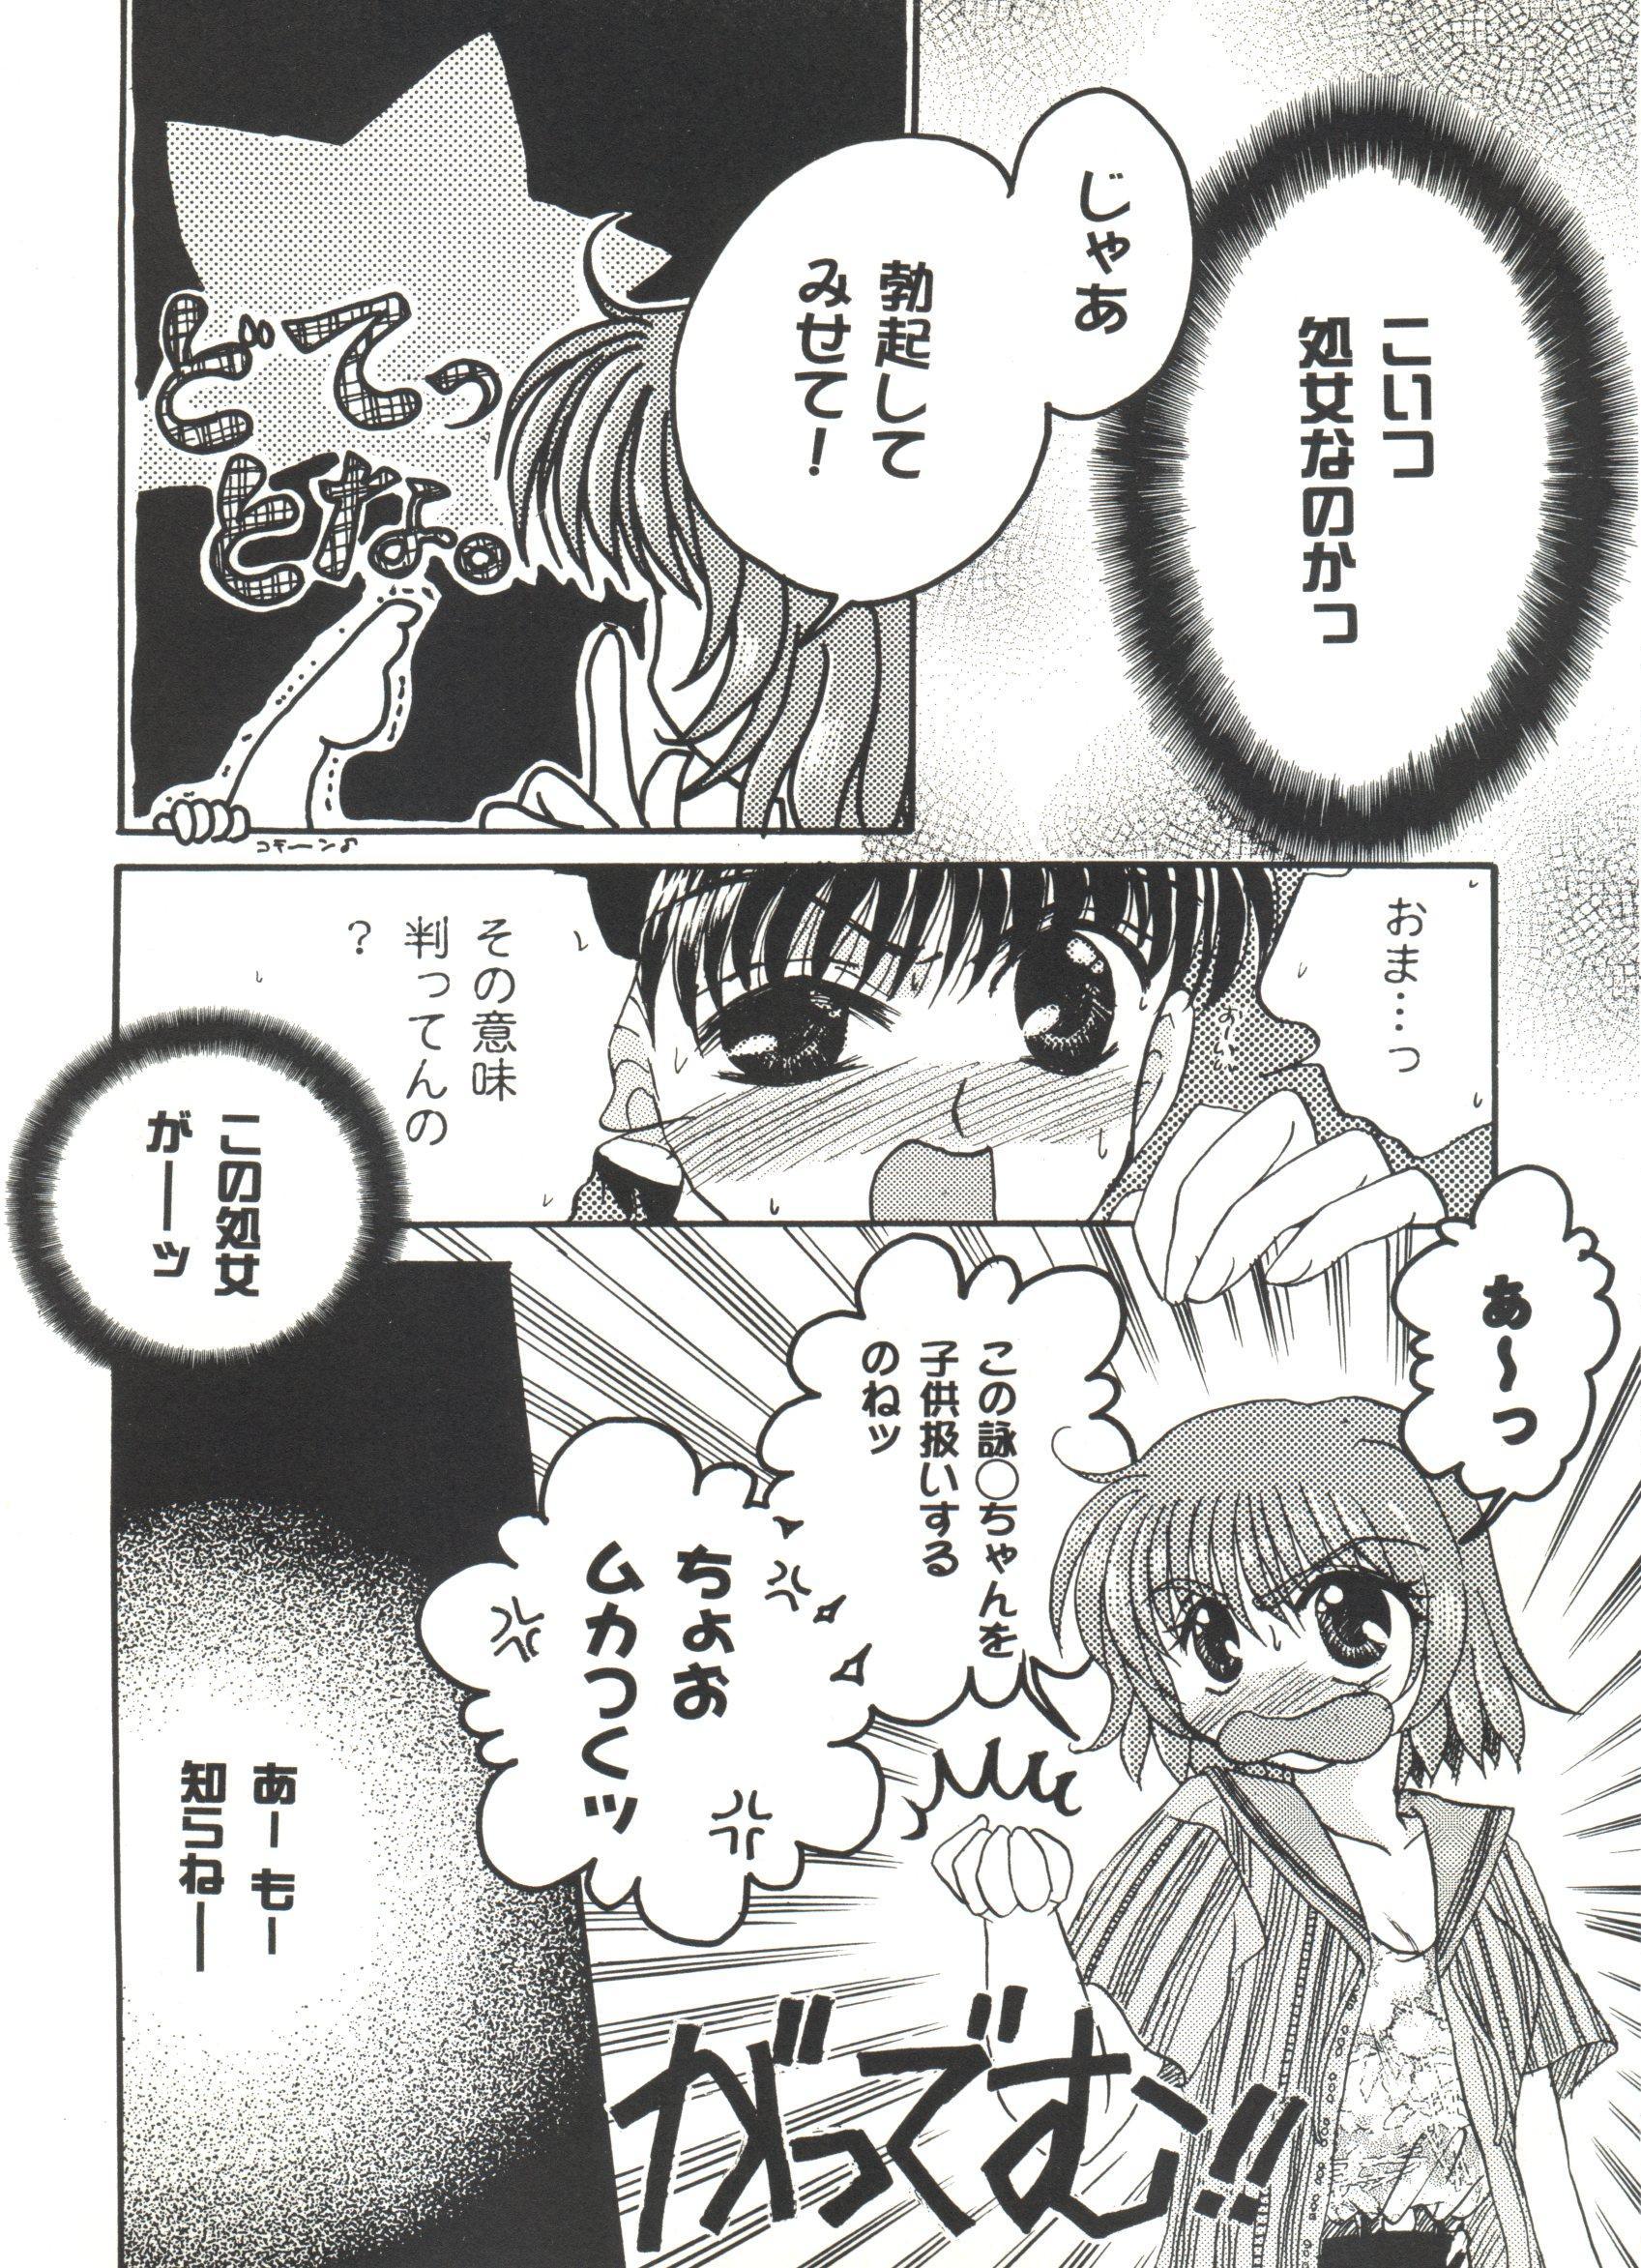 Bishoujo Doujinshi Anthology Cute 5 75